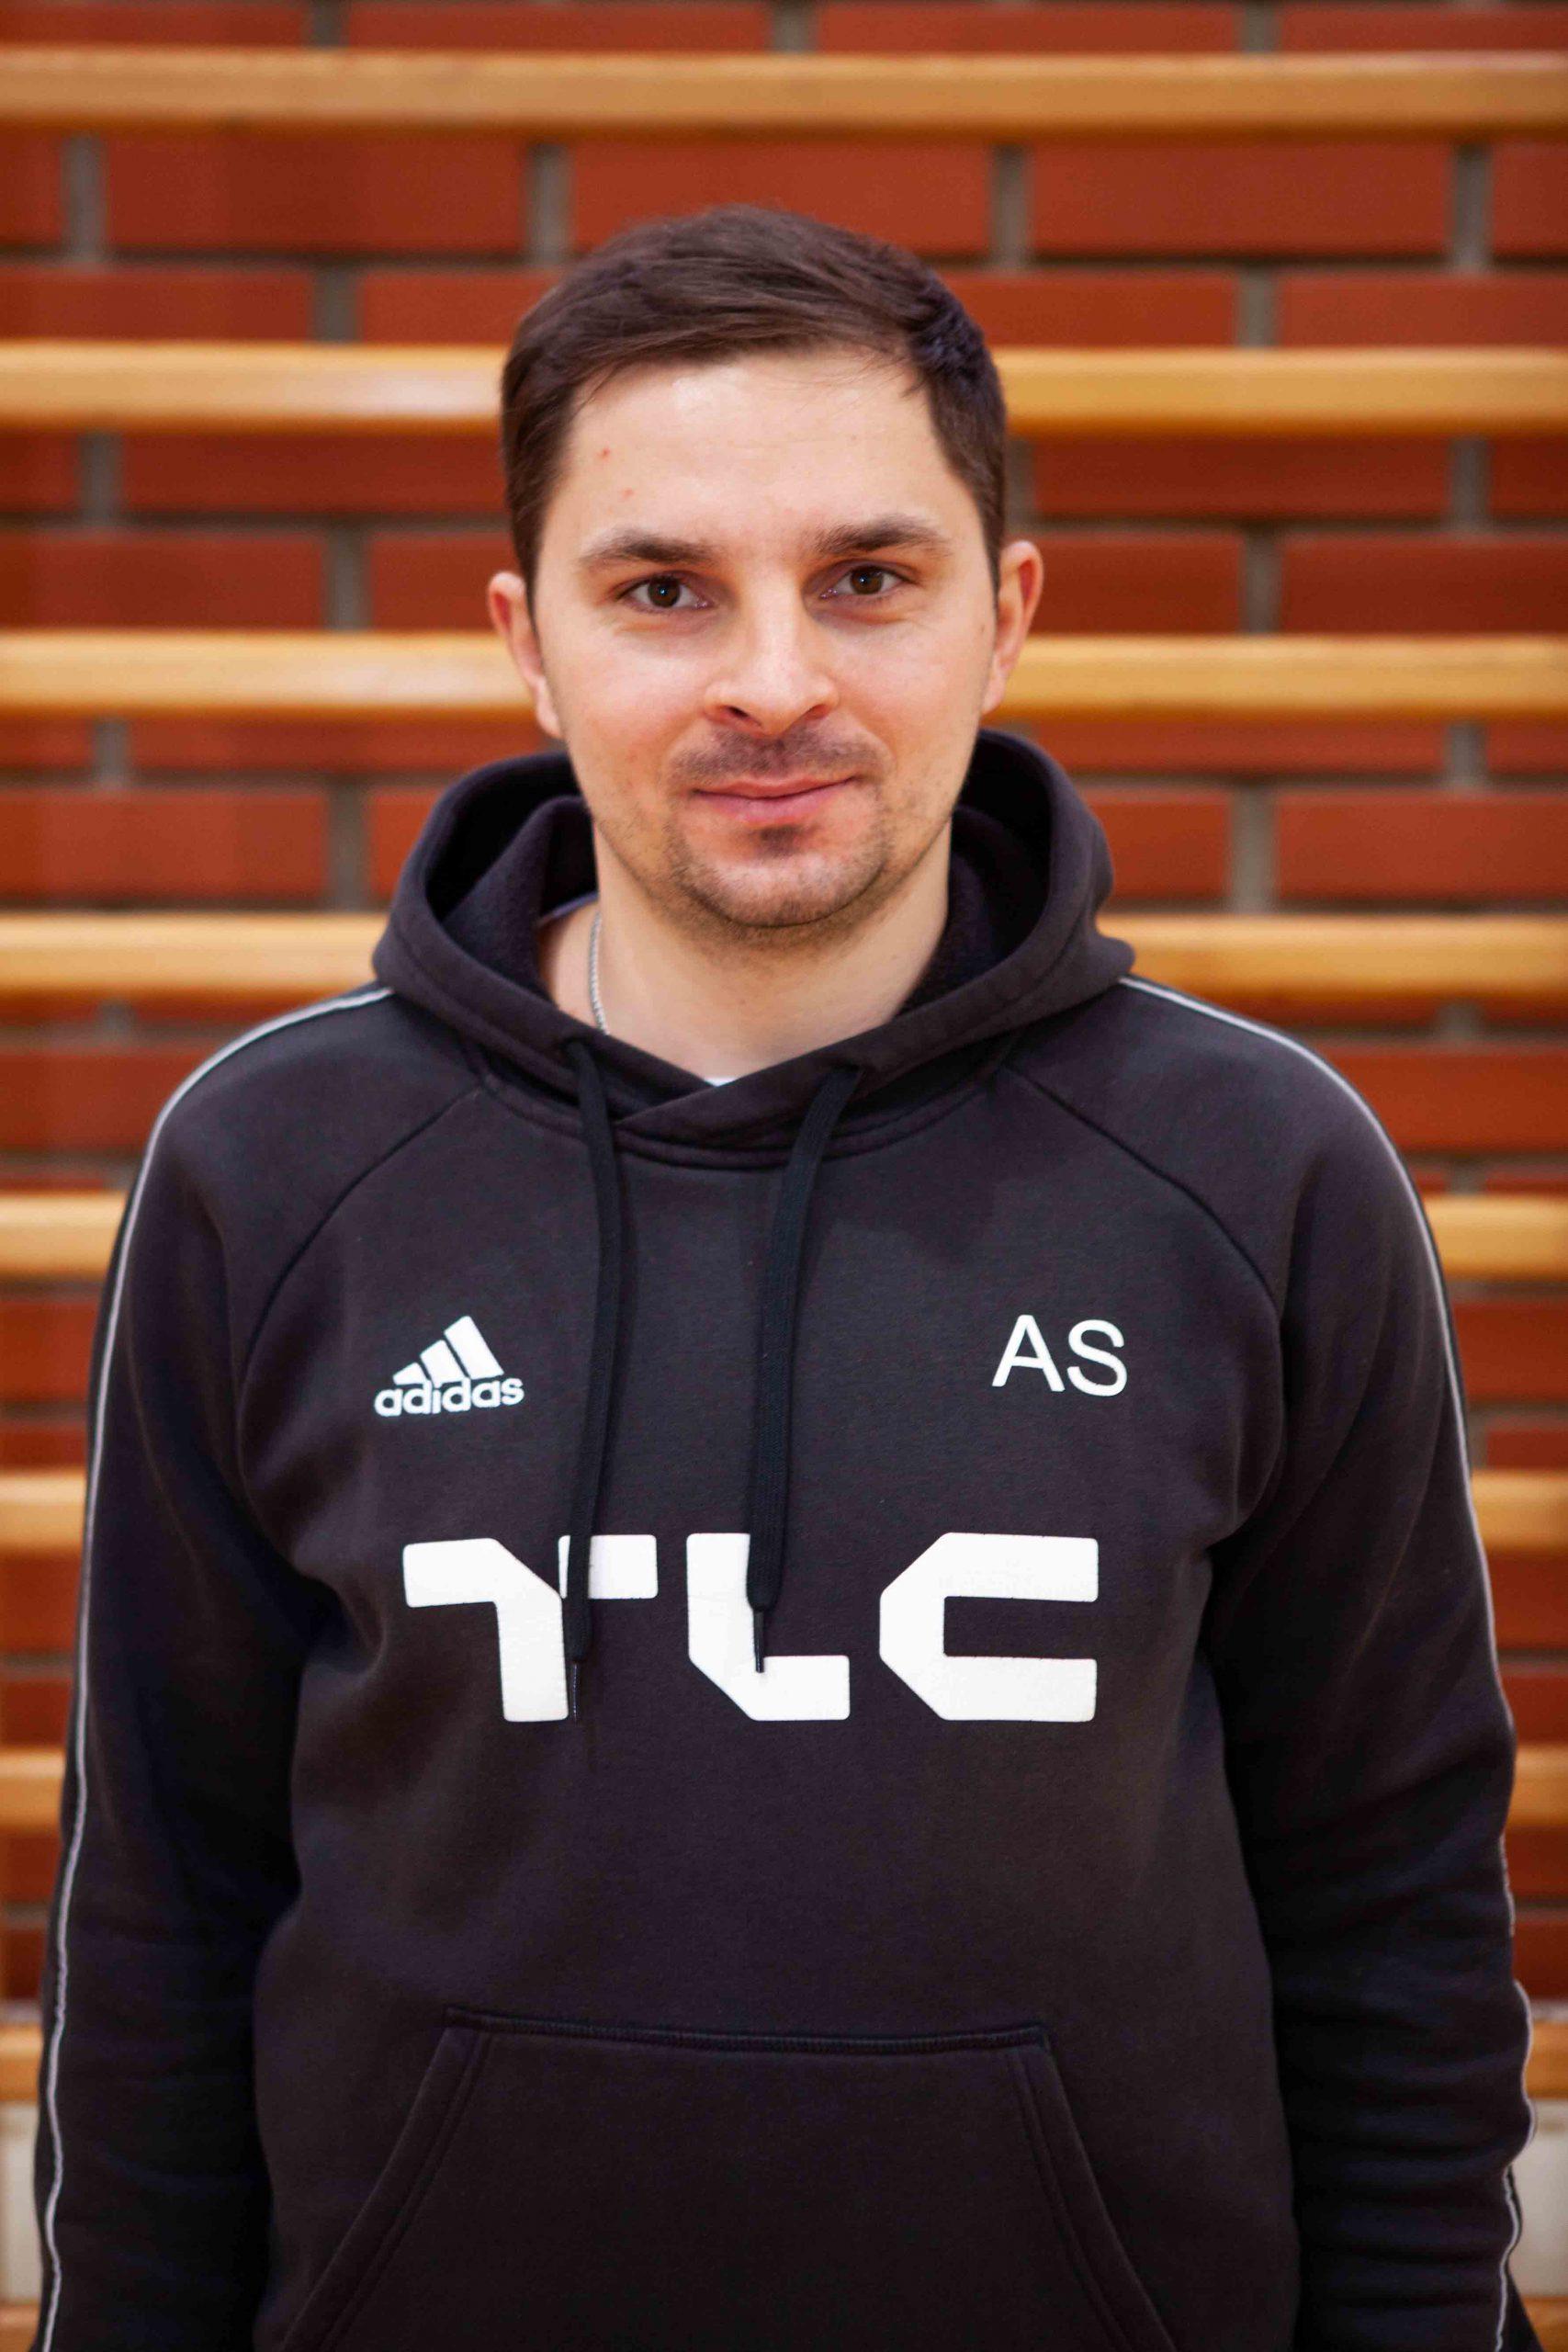 Aserek (46)